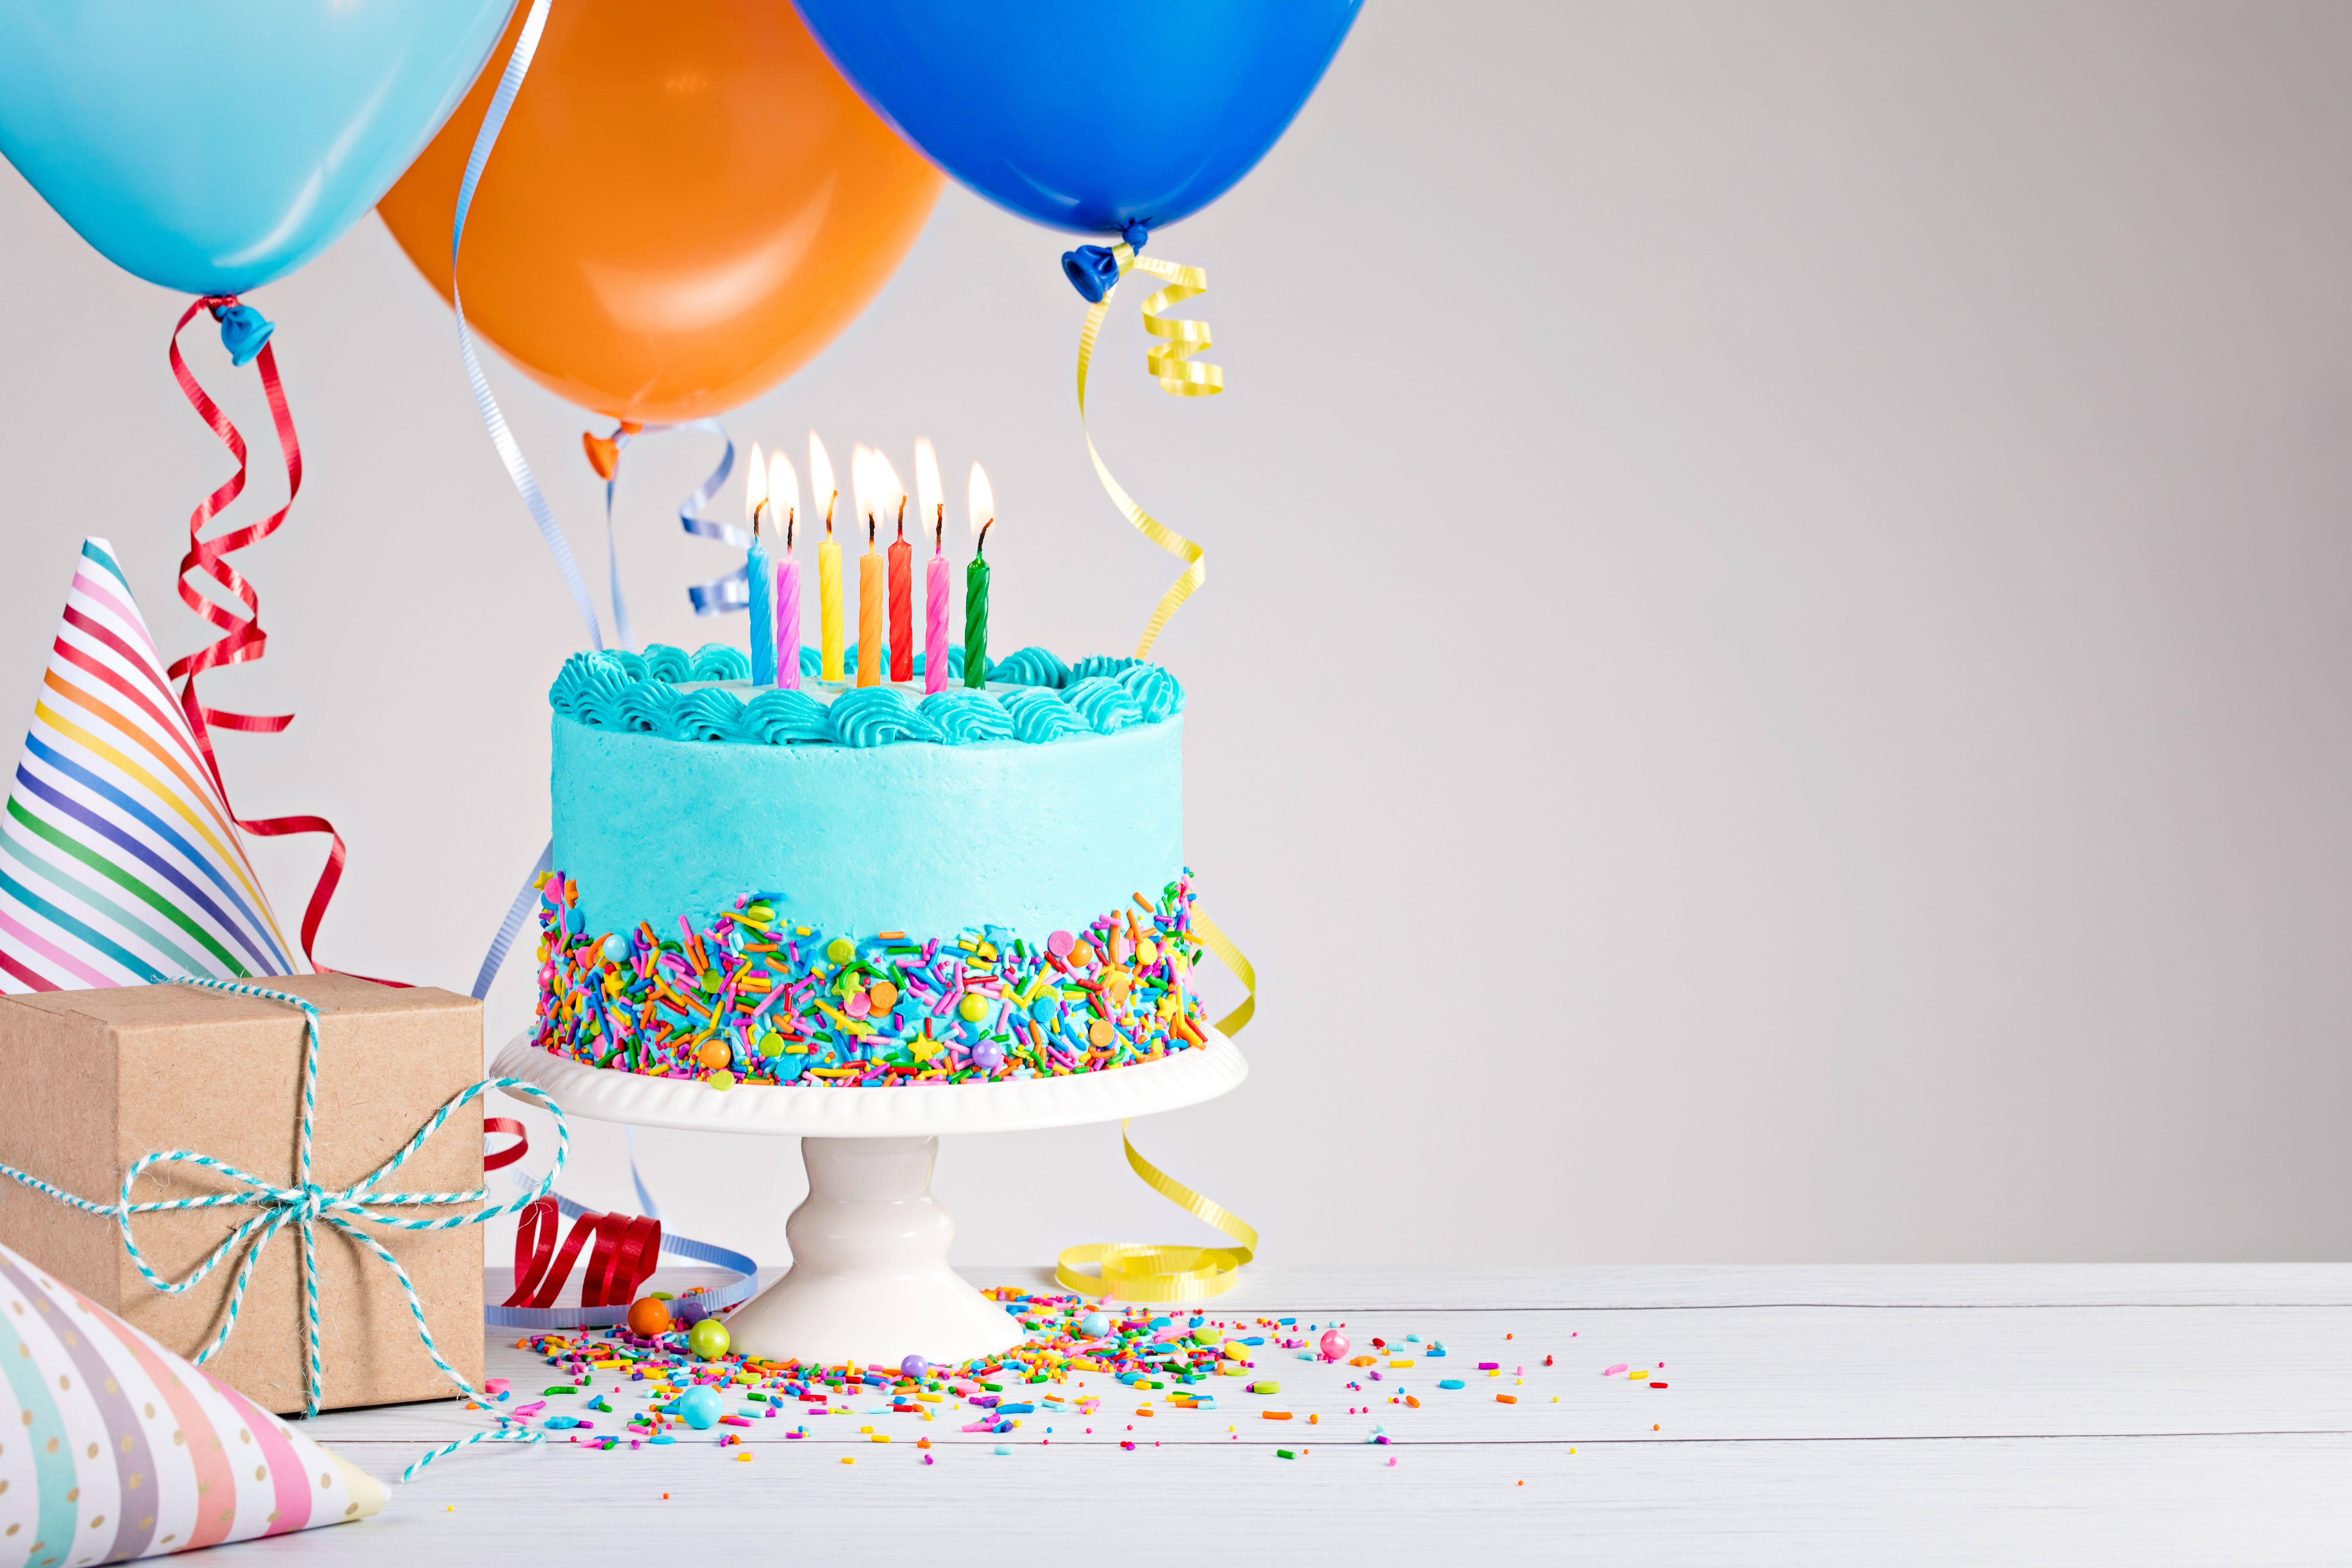 Картинки для презентации поздравление с днем рождения